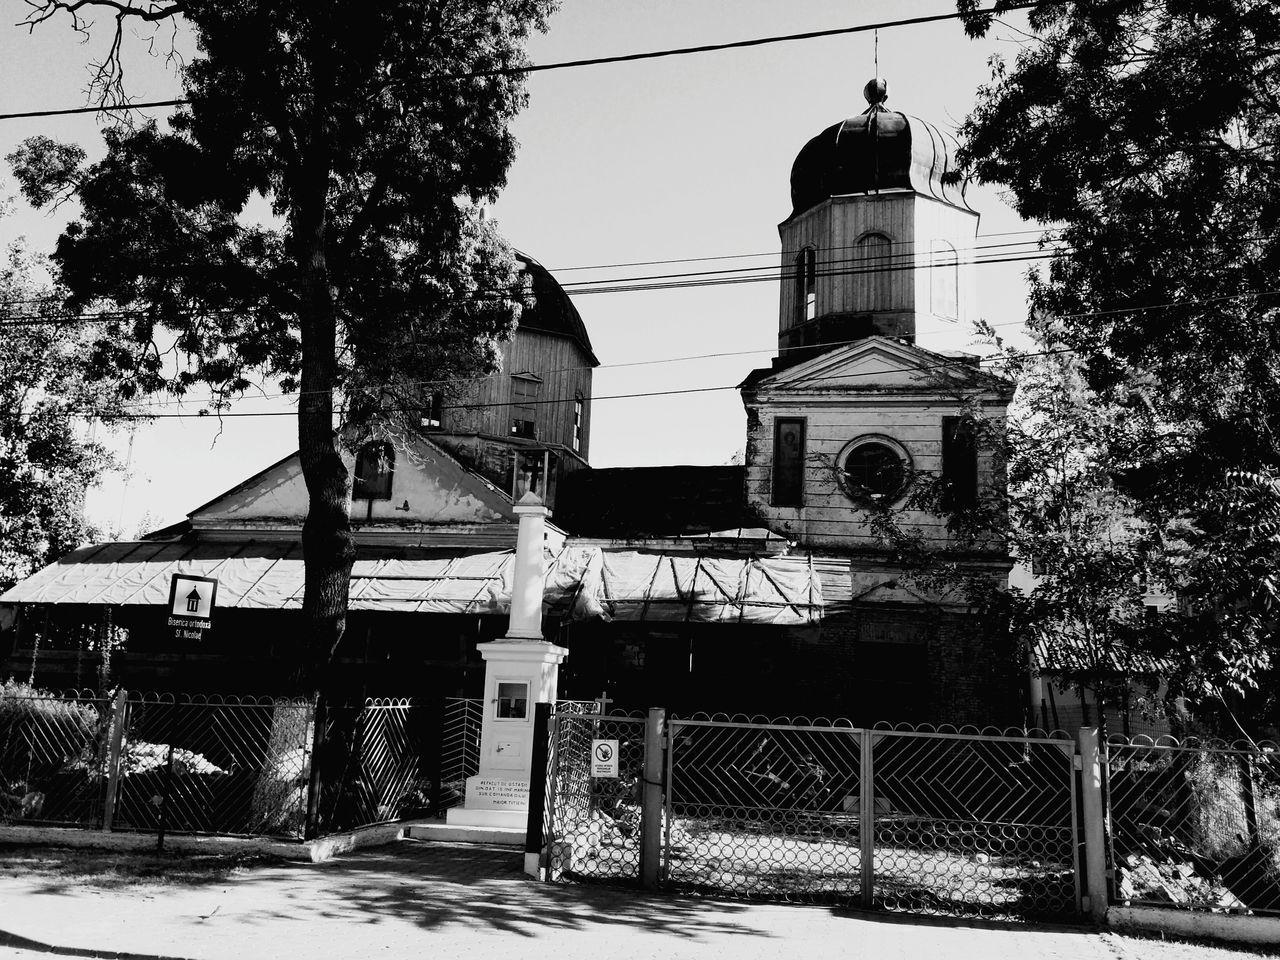 Monastery DanubeDelta